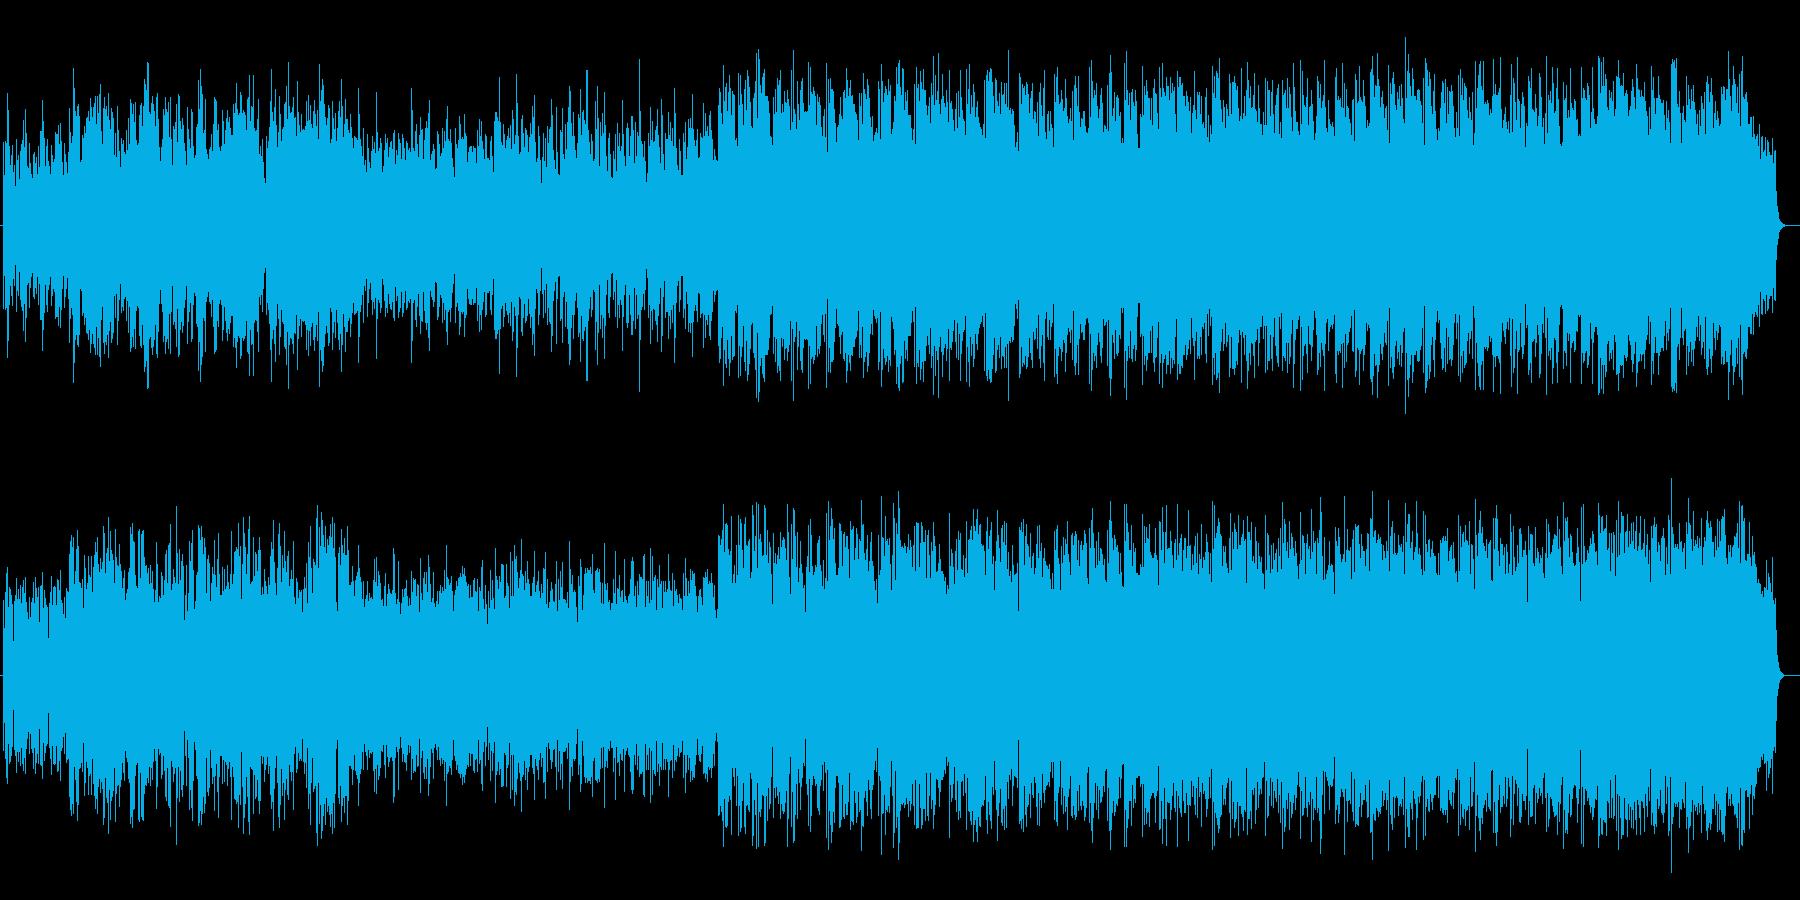 切なくちょっと懐かしいバラードの再生済みの波形